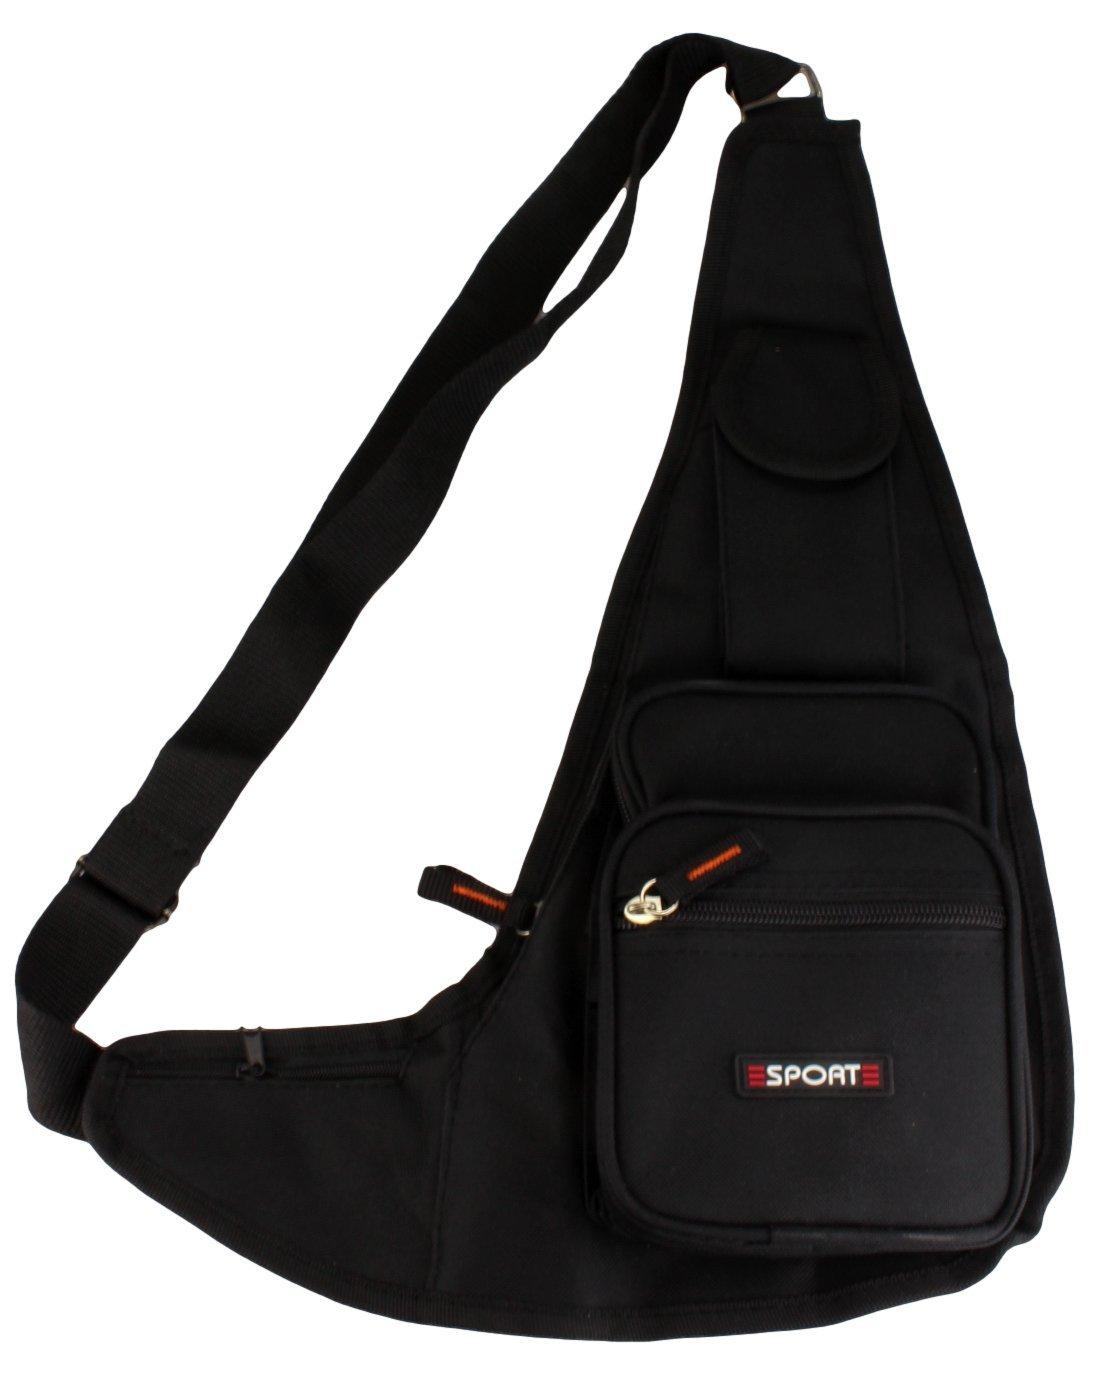 Sacoche bandoulière/Sac Porté travers/Bodybag / Sac de sport Loisirs en noir